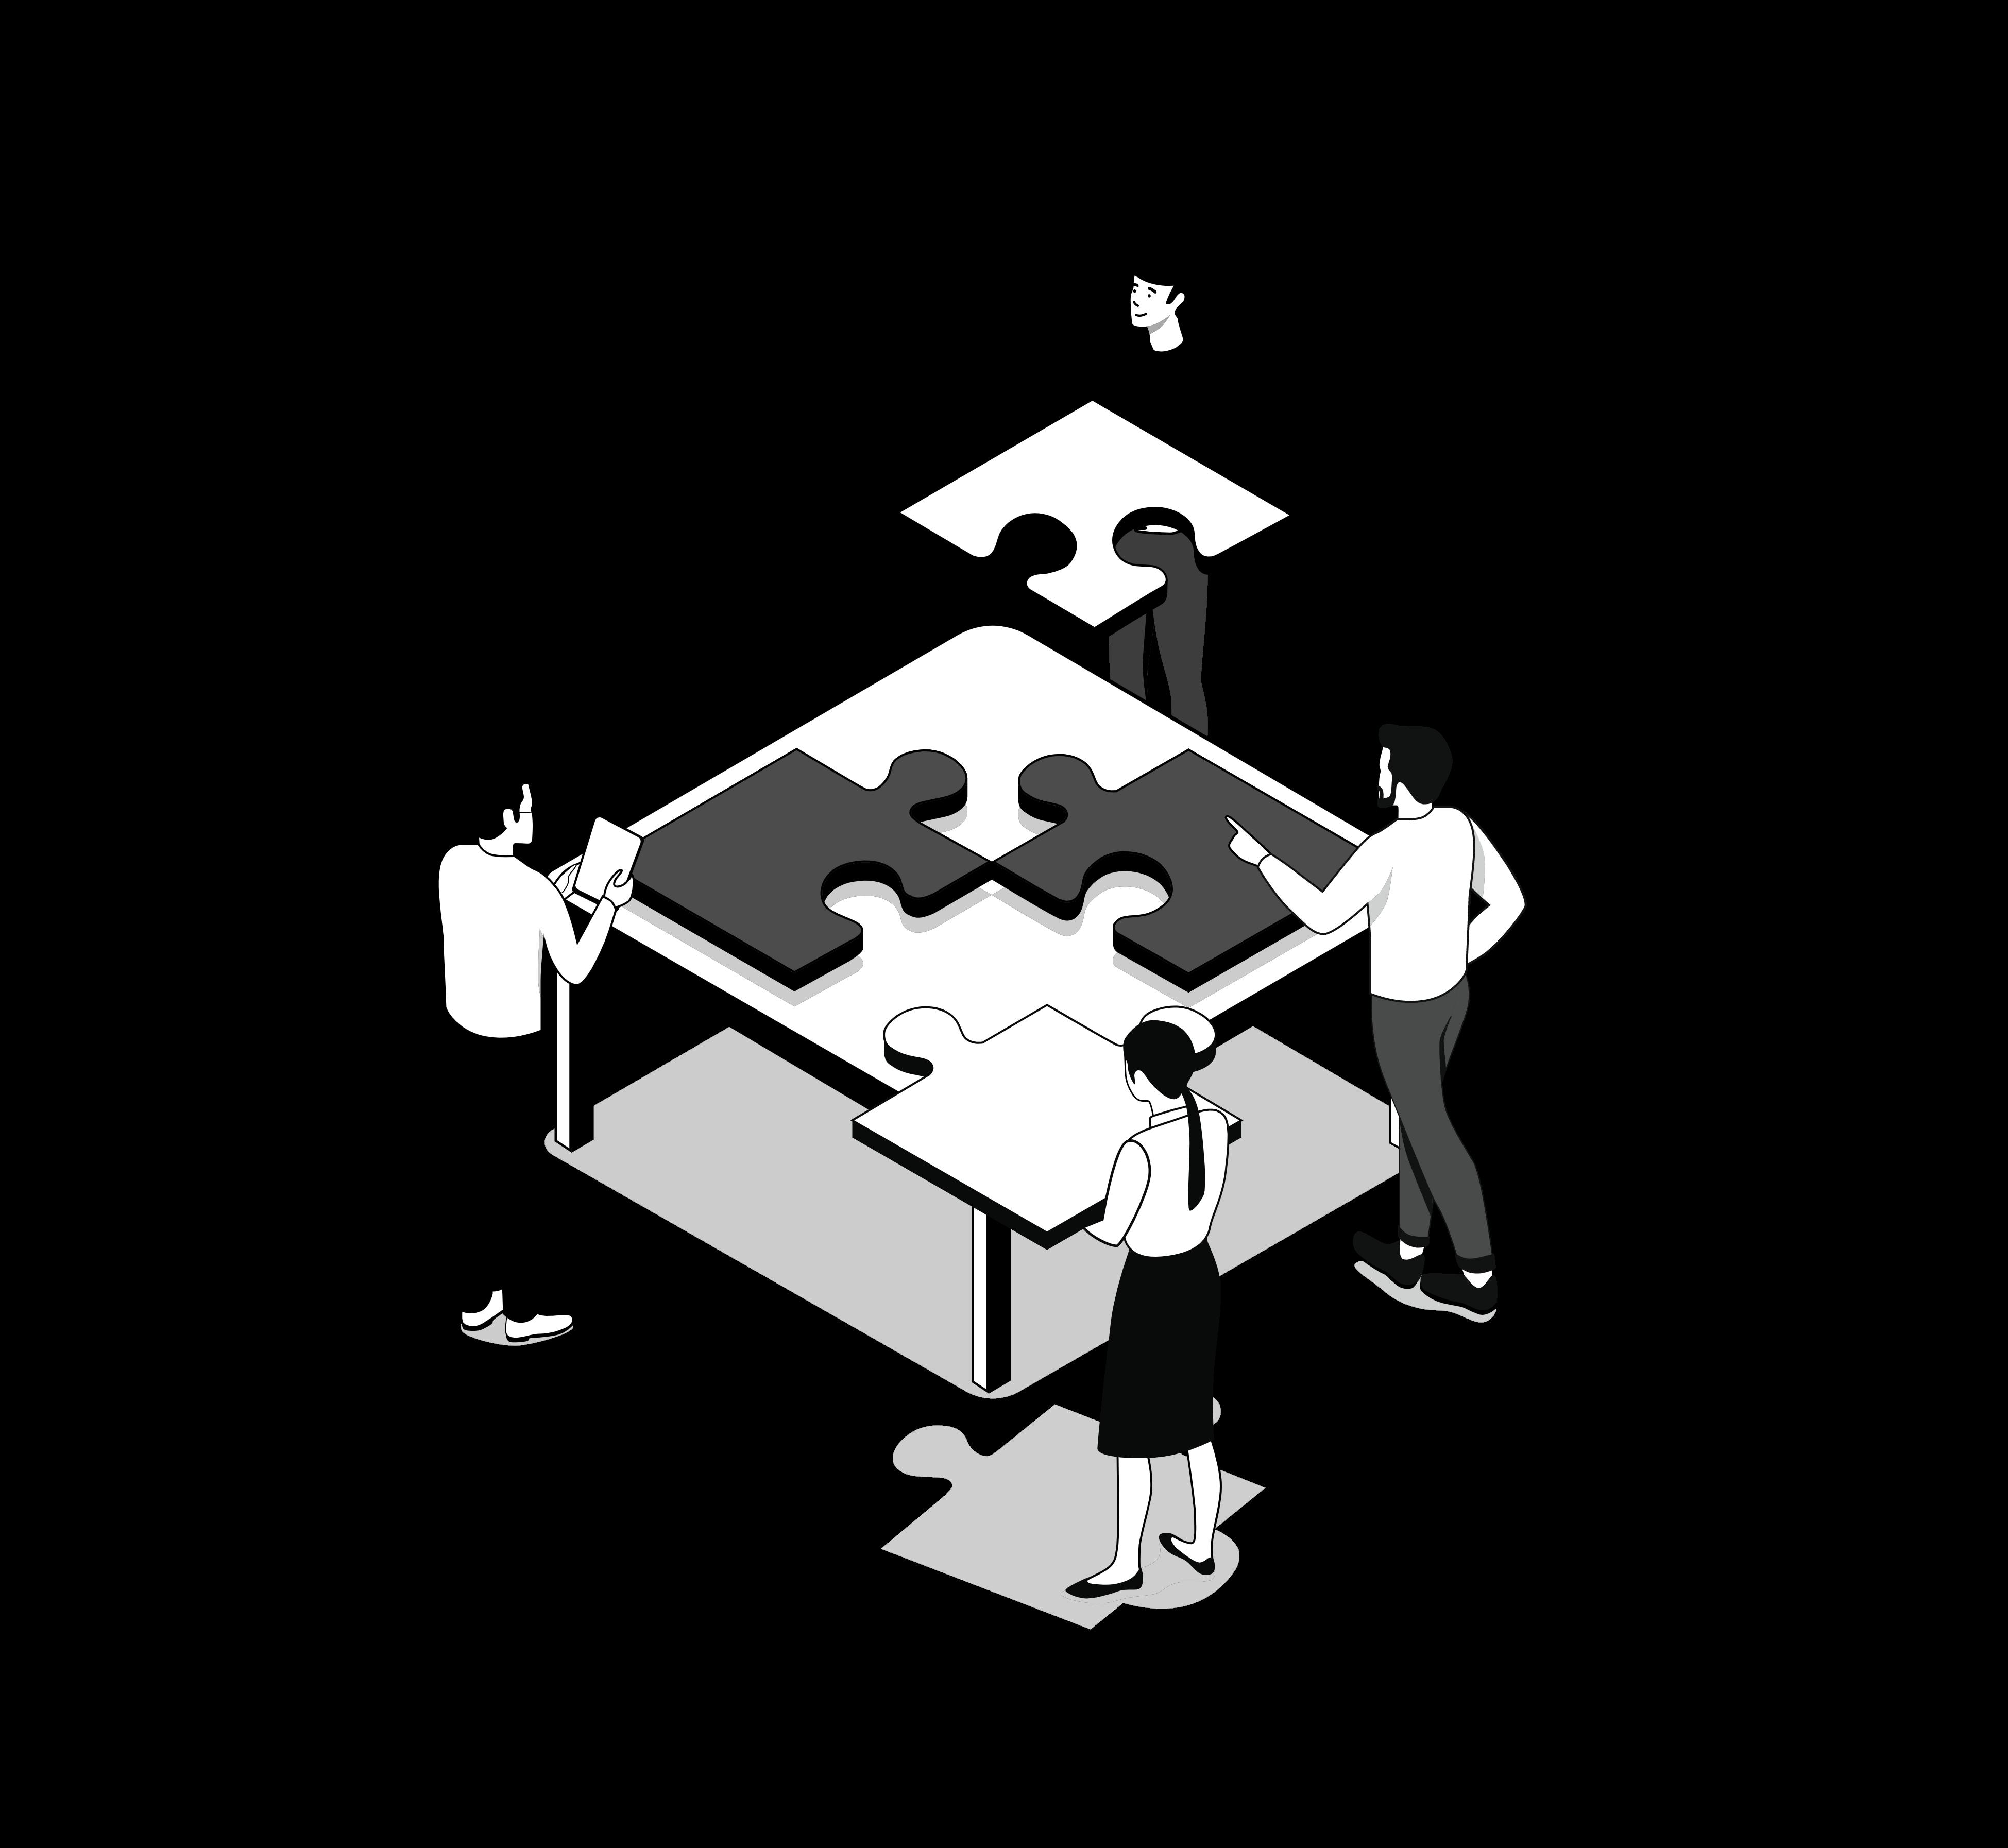 TOGLは「SEO」×「編集」の知識・経験・スキルの特長を活かし、機能するコンテンツをつくります。